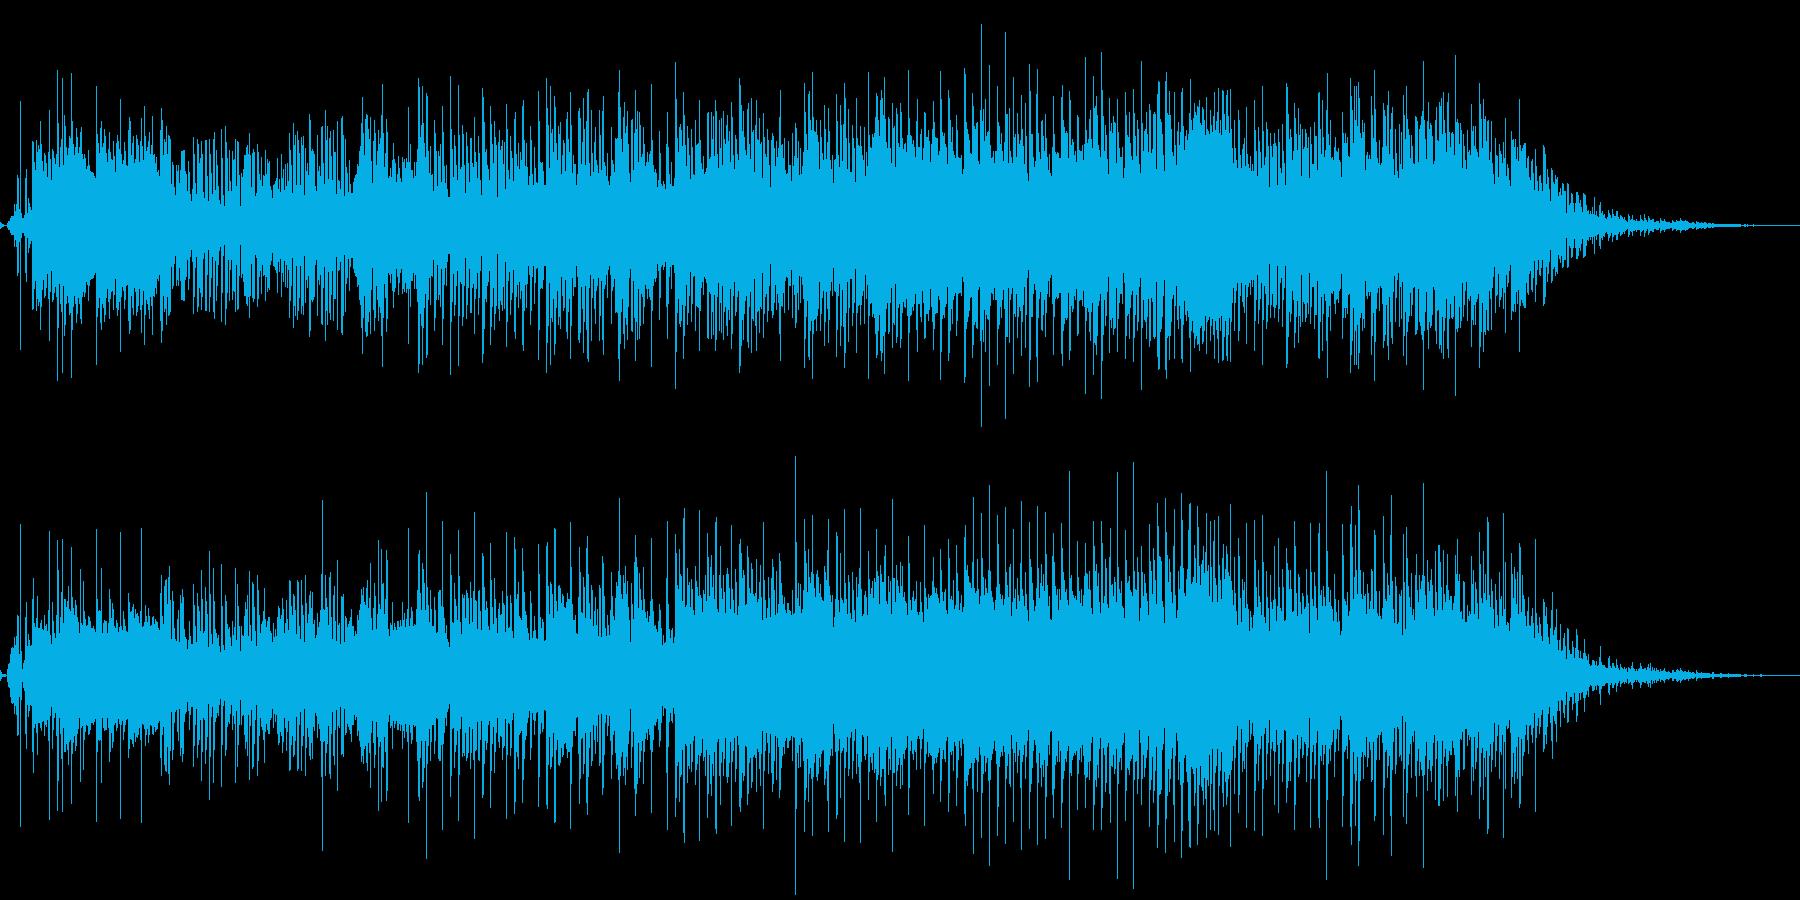 生音アリ-かわいらしくブキミなハロウィンの再生済みの波形